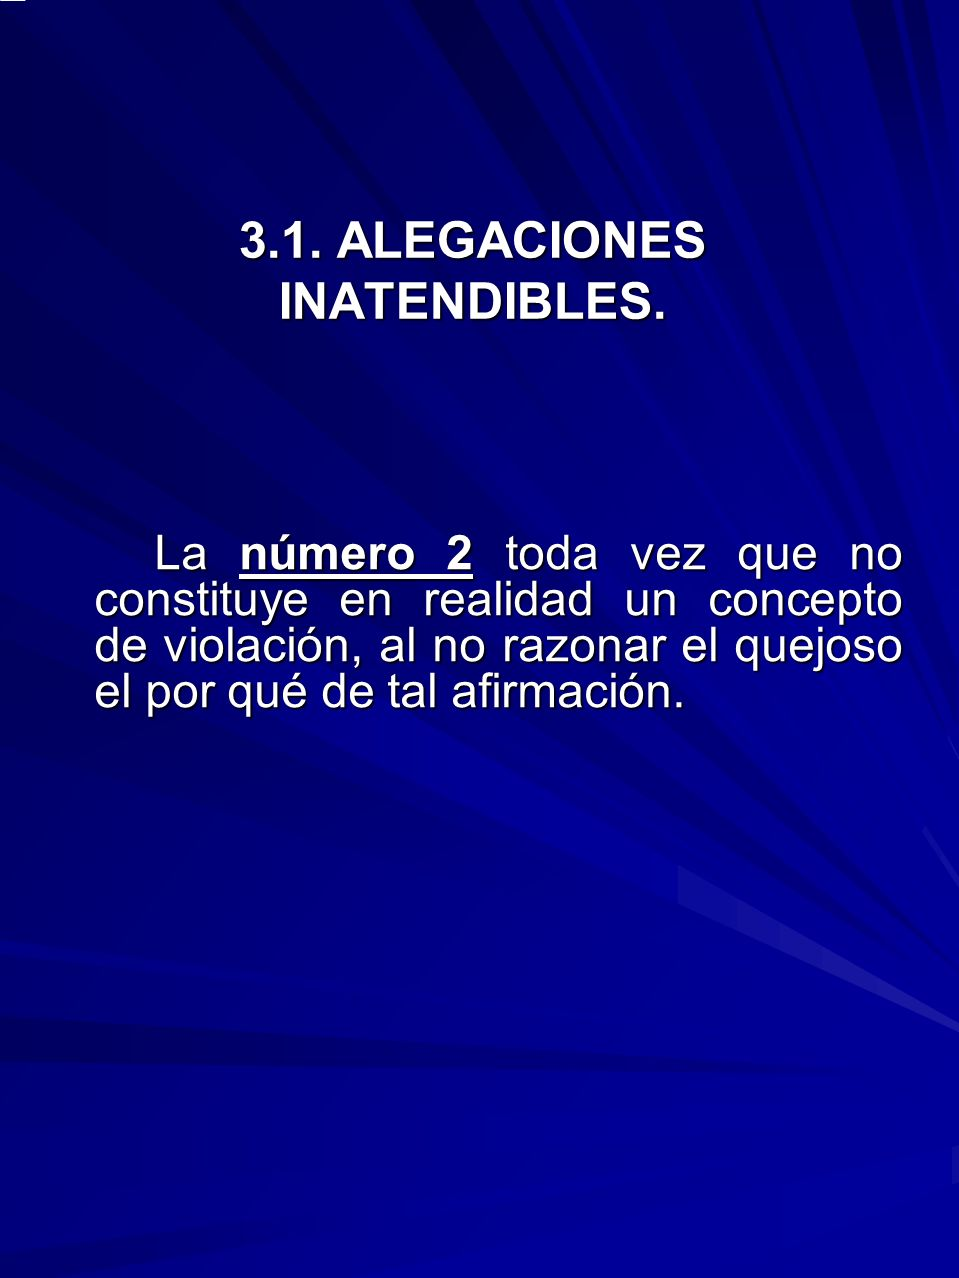 3.1. ALEGACIONES INATENDIBLES.